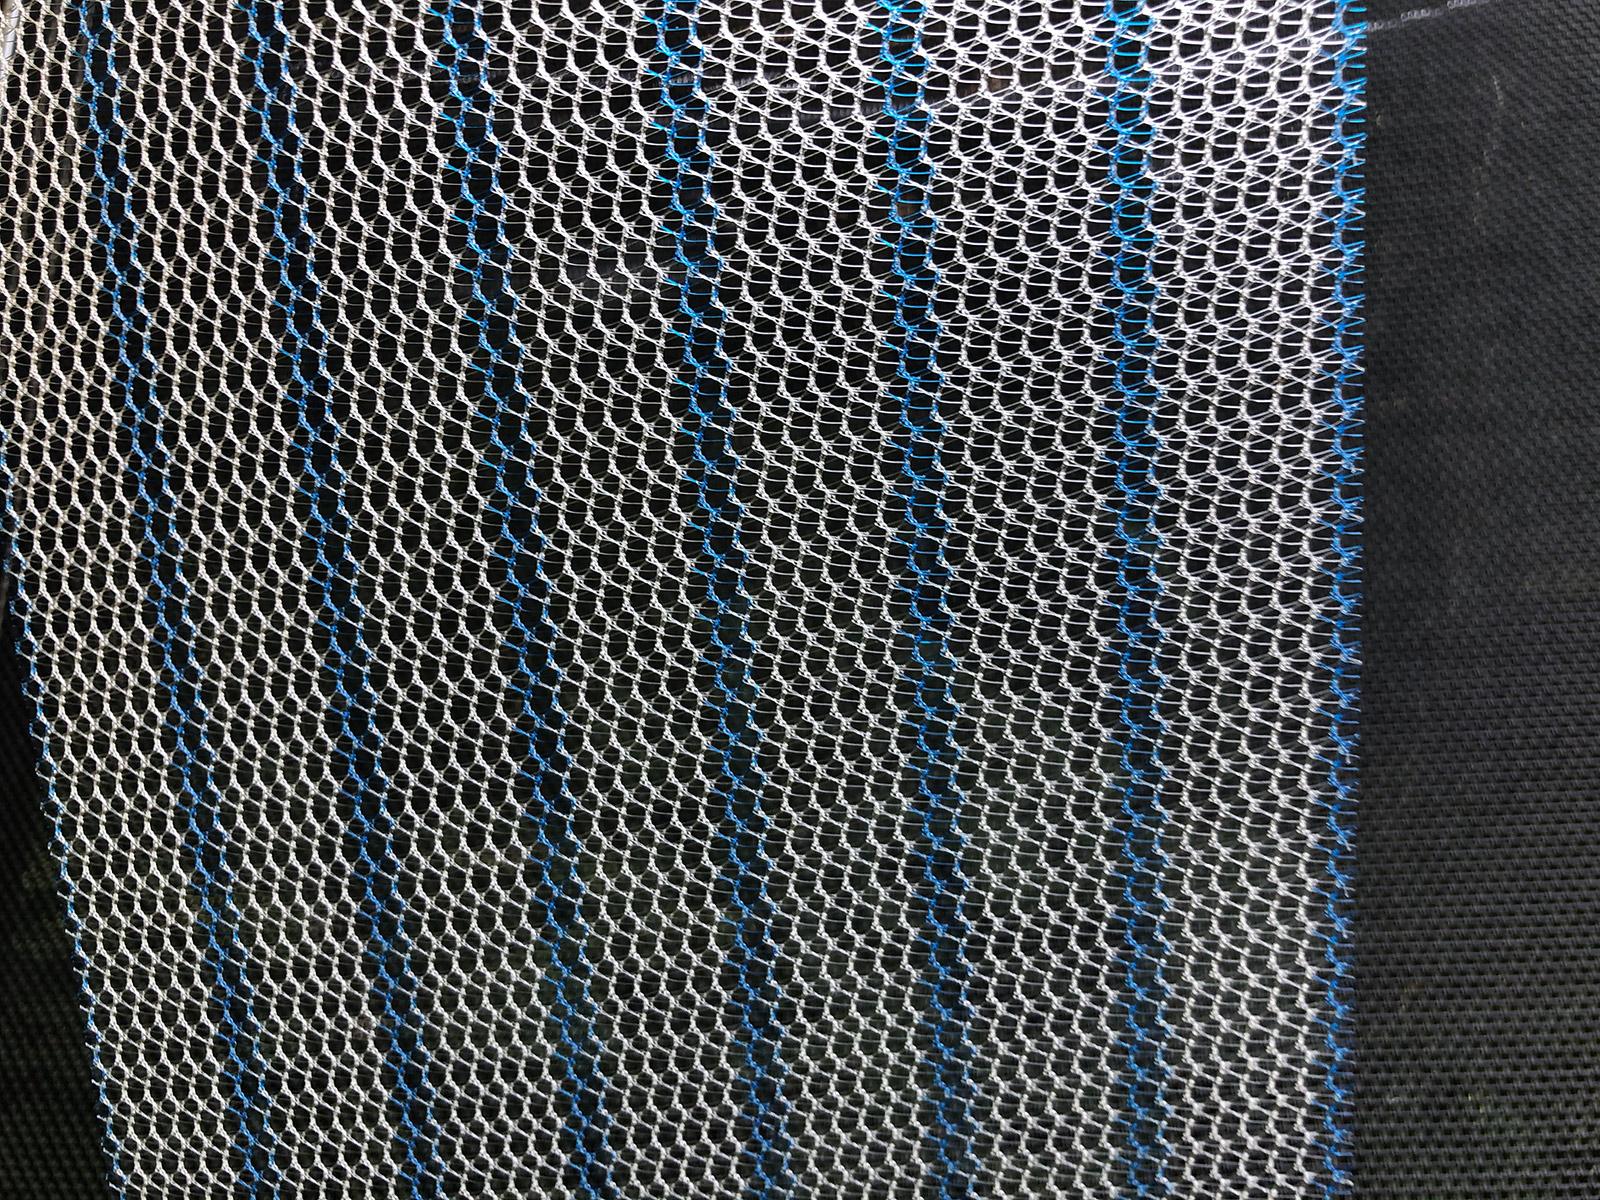 Lichtbild von Polypropylen-Netzen